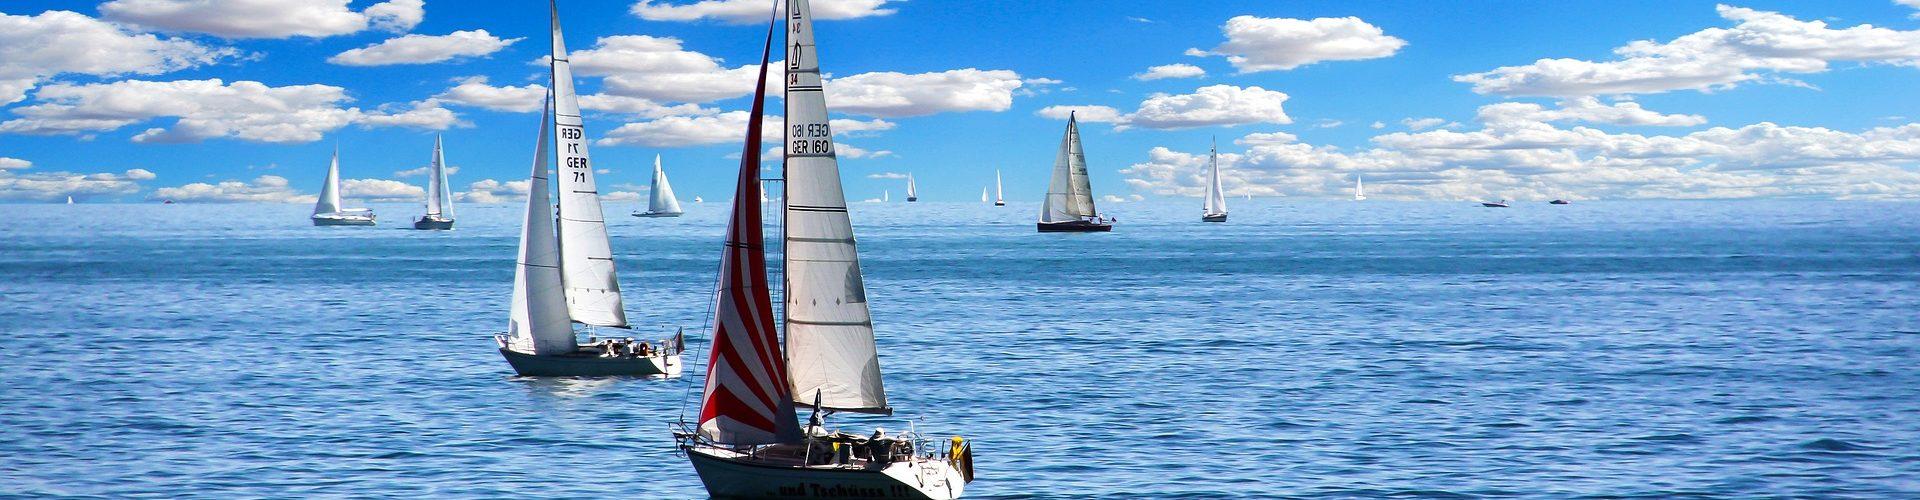 segeln lernen in Zehdenick segelschein machen in Zehdenick 1920x500 - Segeln lernen in Zehdenick